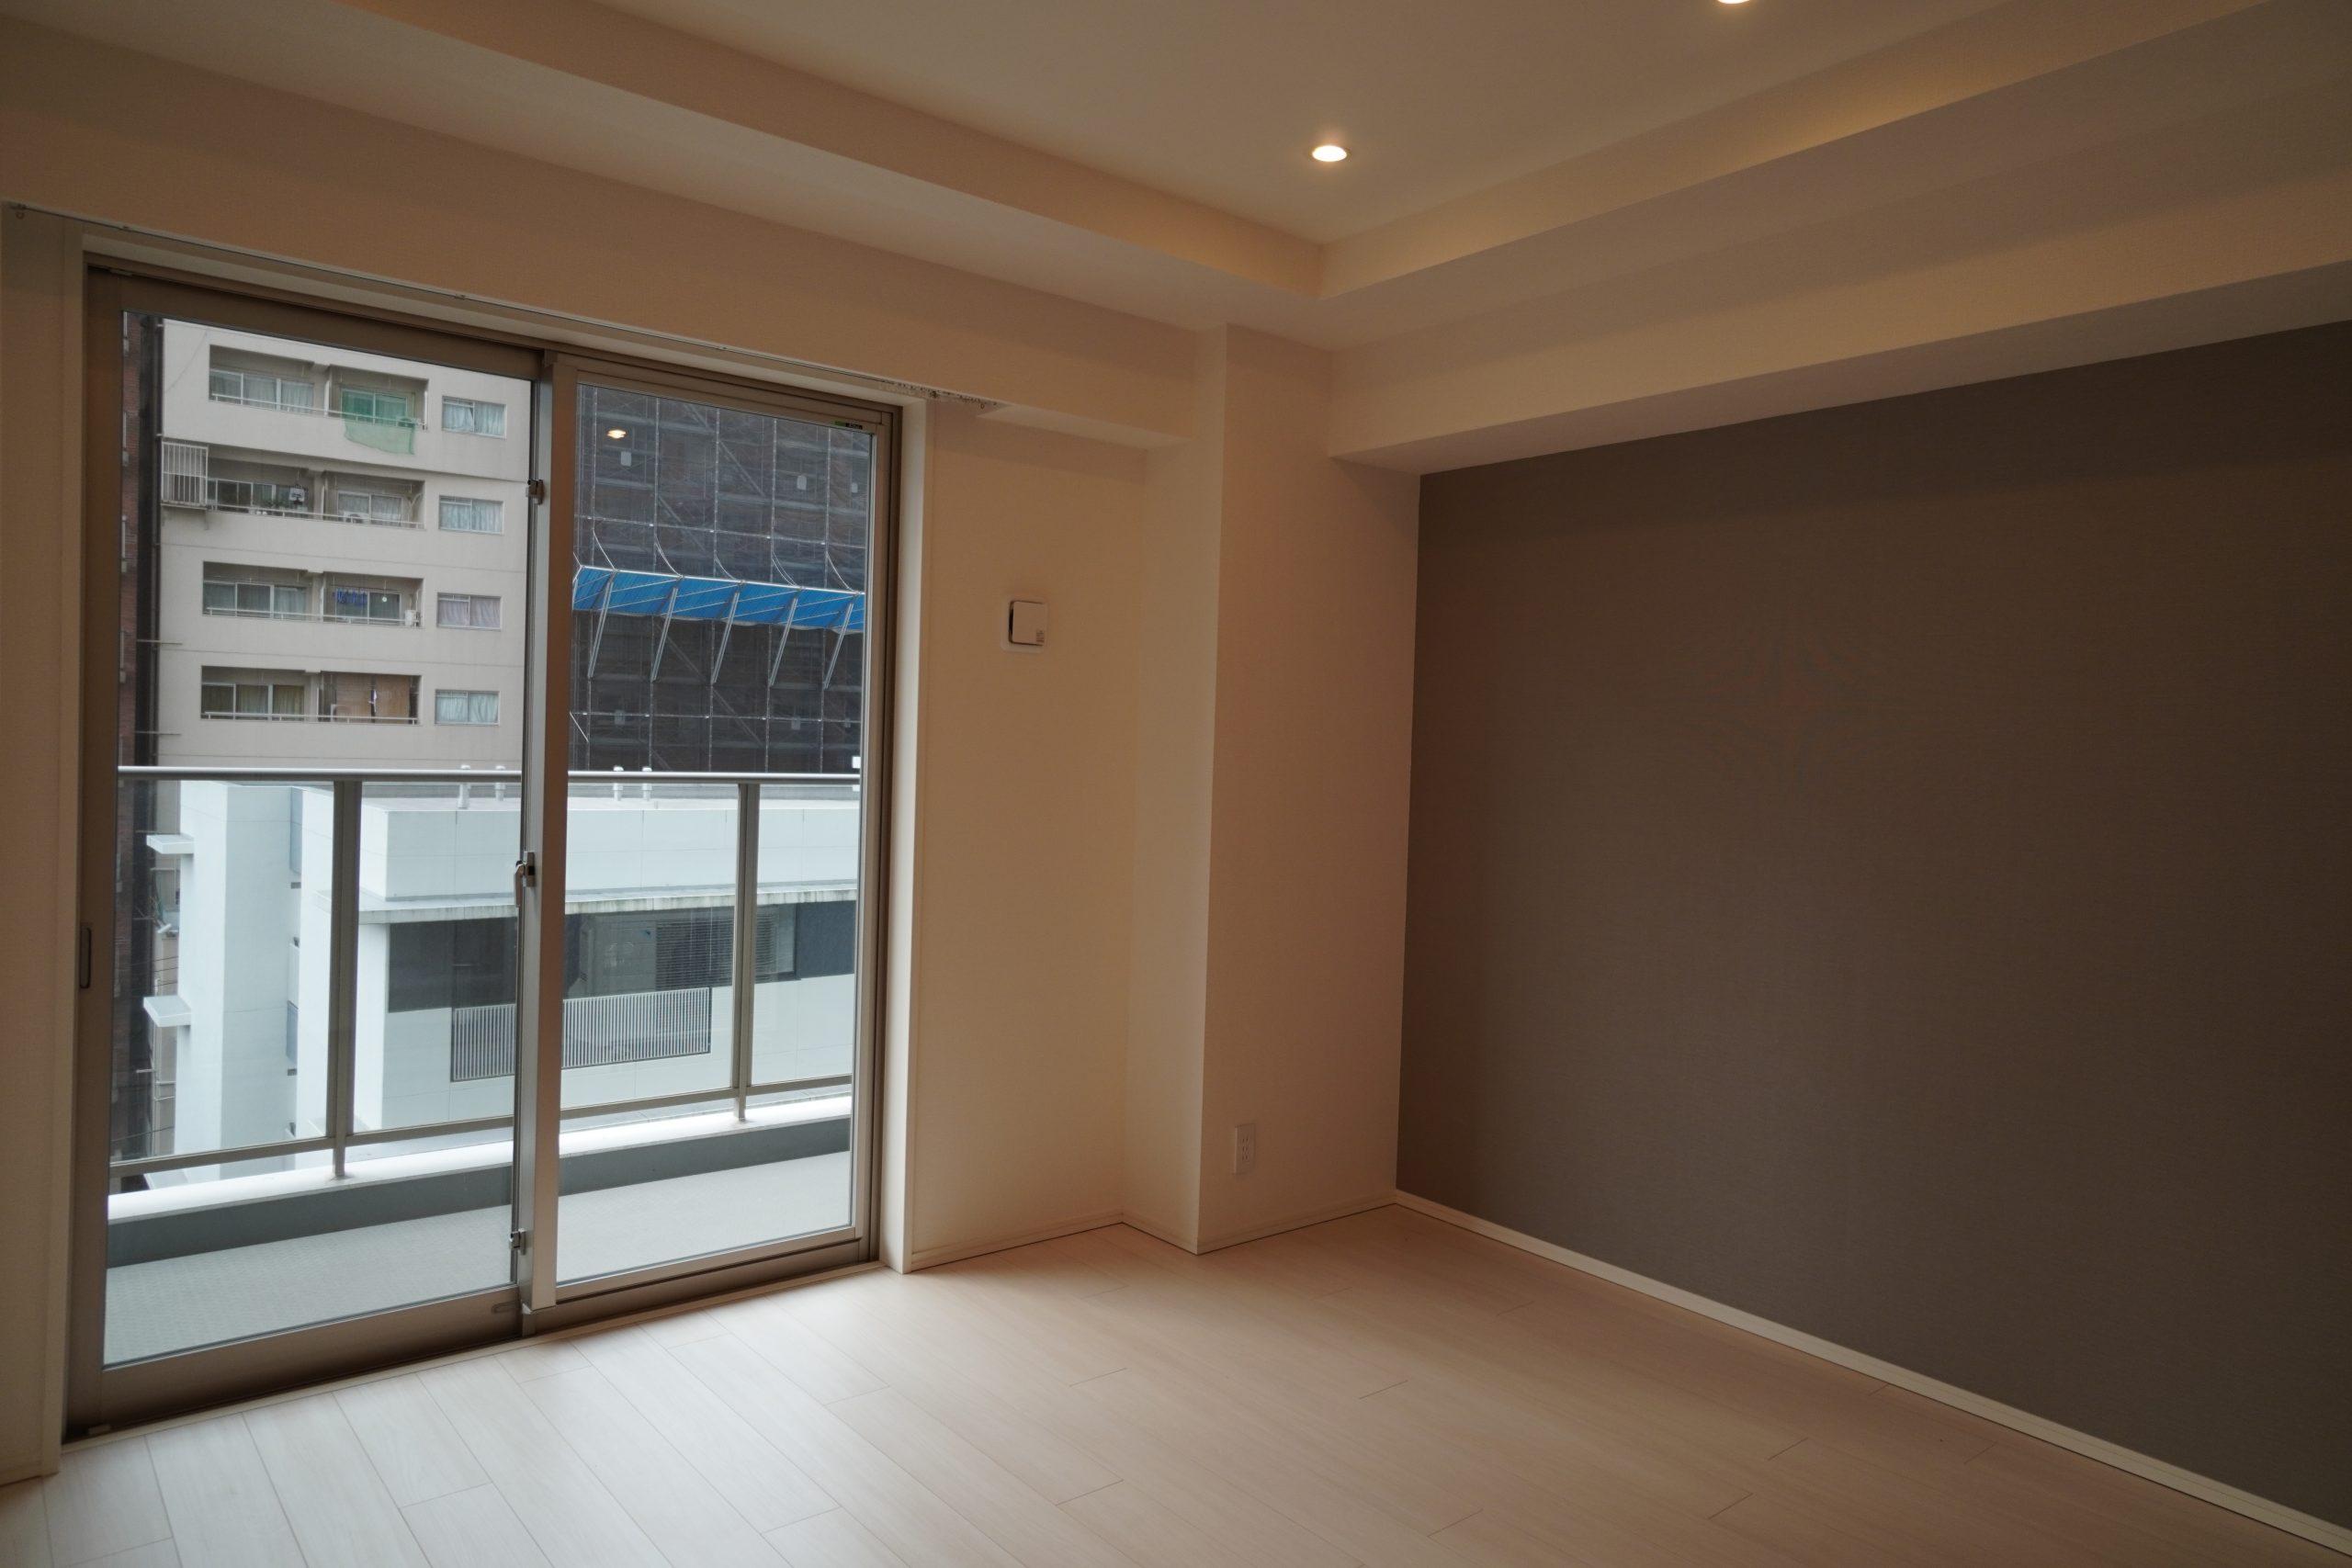 コンフォリア新宿イーストサイドタワー 511の写真5